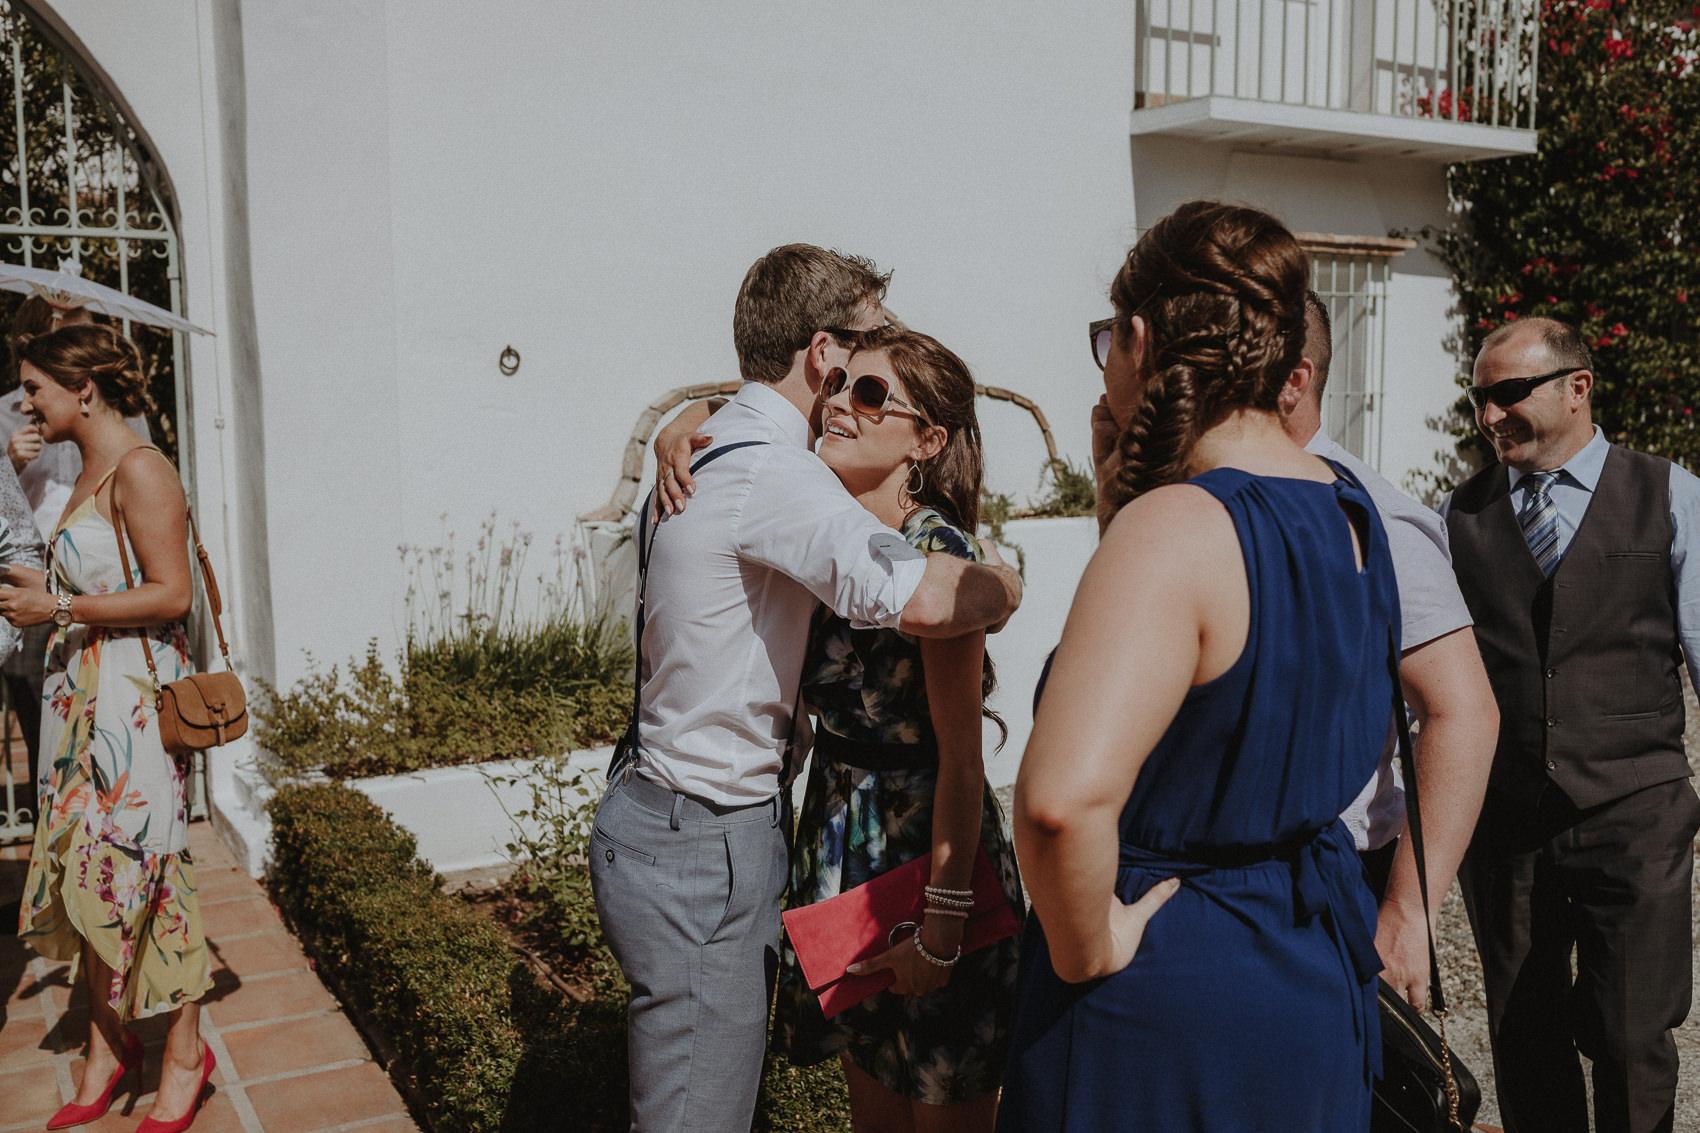 Sarah & Bill | Summer wedding at Cortijo Rosa Blanca | Marbella - Spain 60